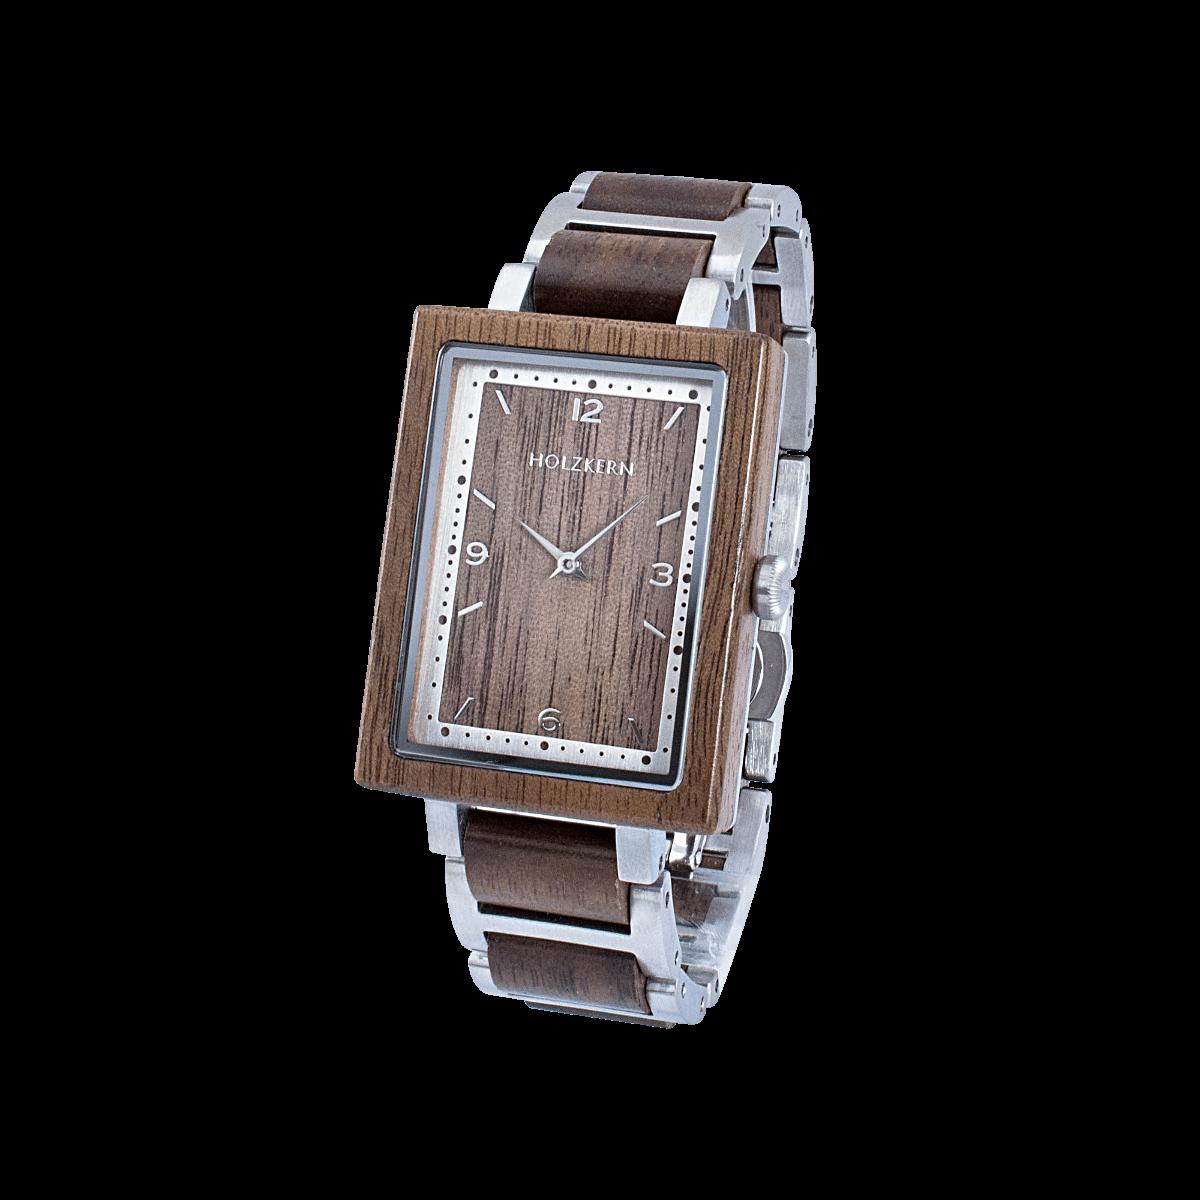 Holzkern Modell Spagna aus Walnuss und Edelstahl in Silber